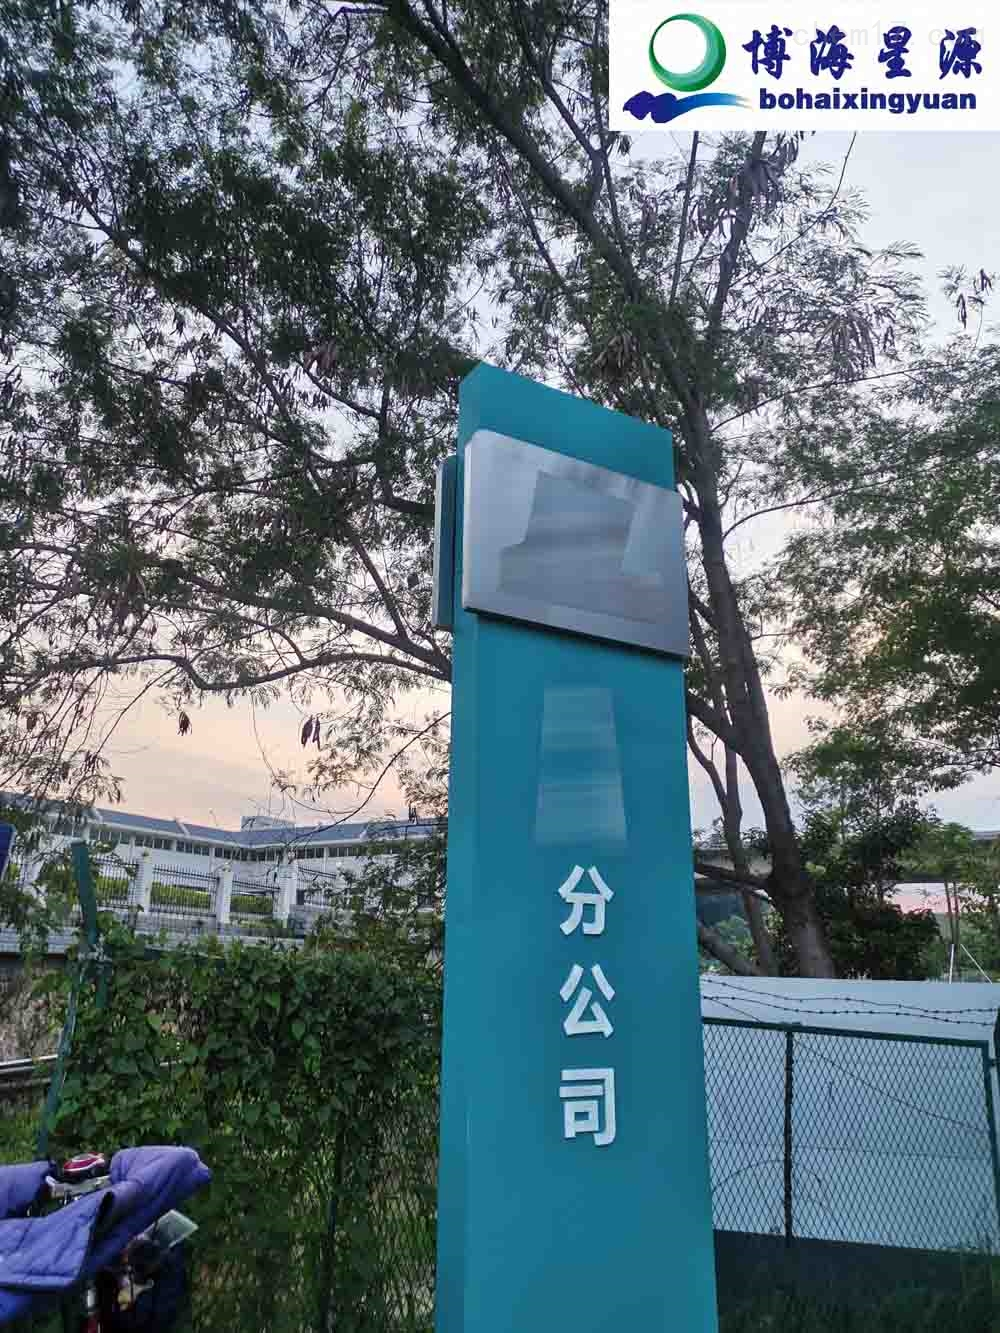 深水龙华水务公司观澜分公司logo1.jpg